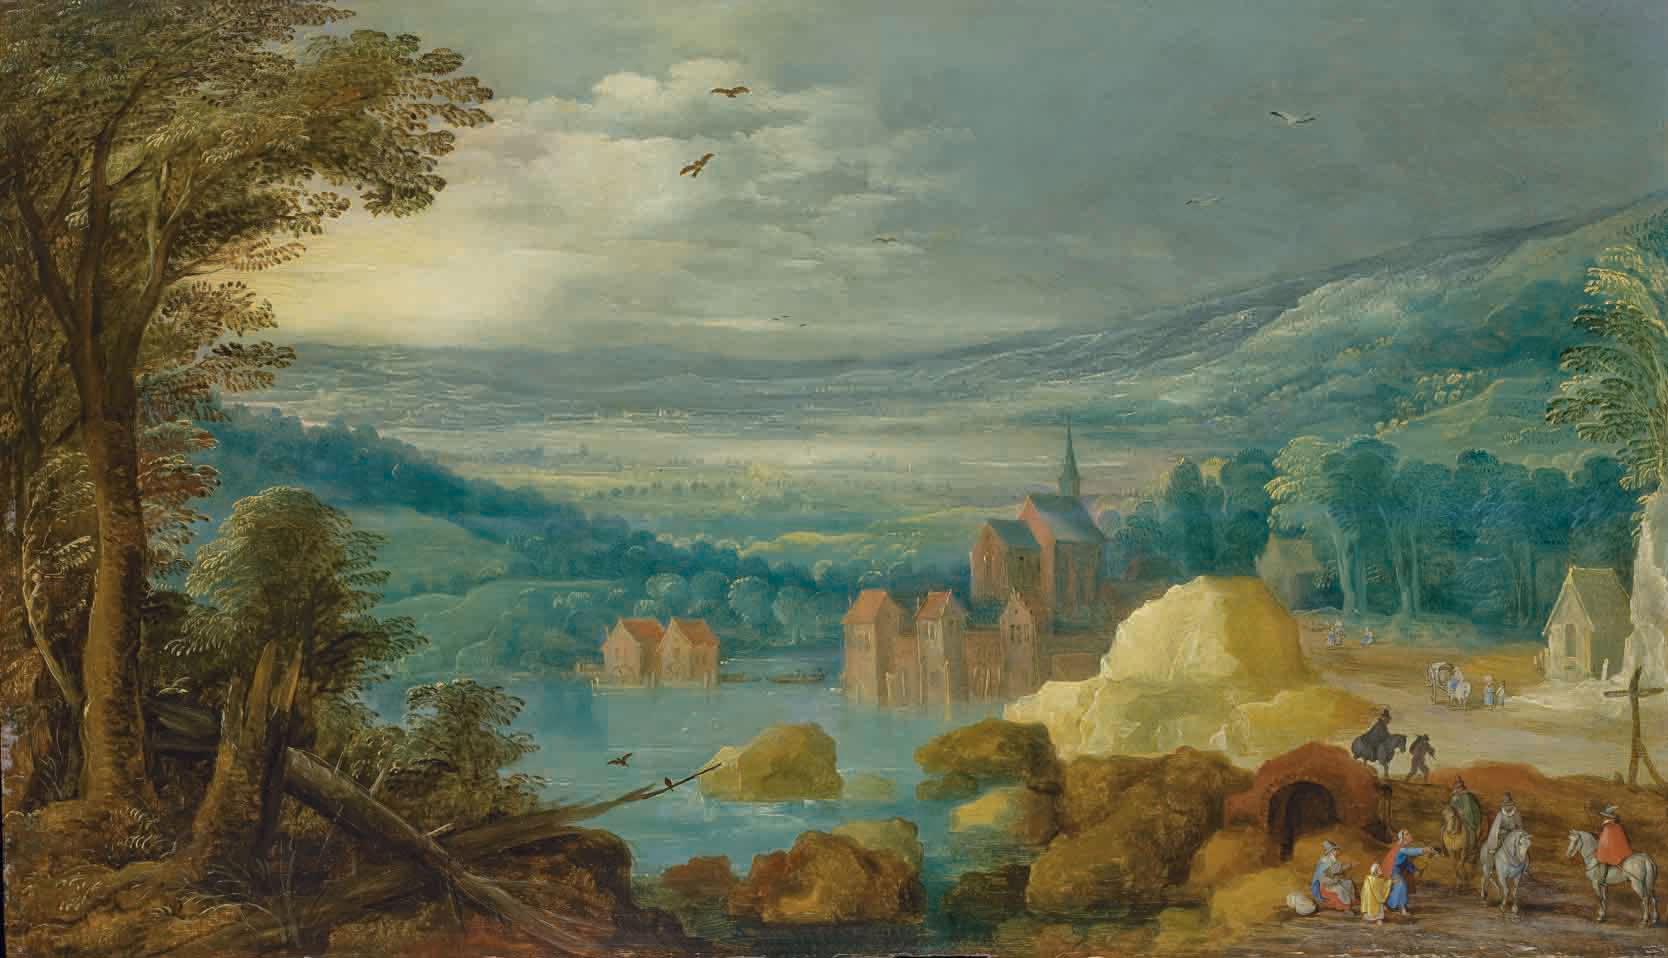 Village au bord d'un lac, des collines à l'arrière-plan